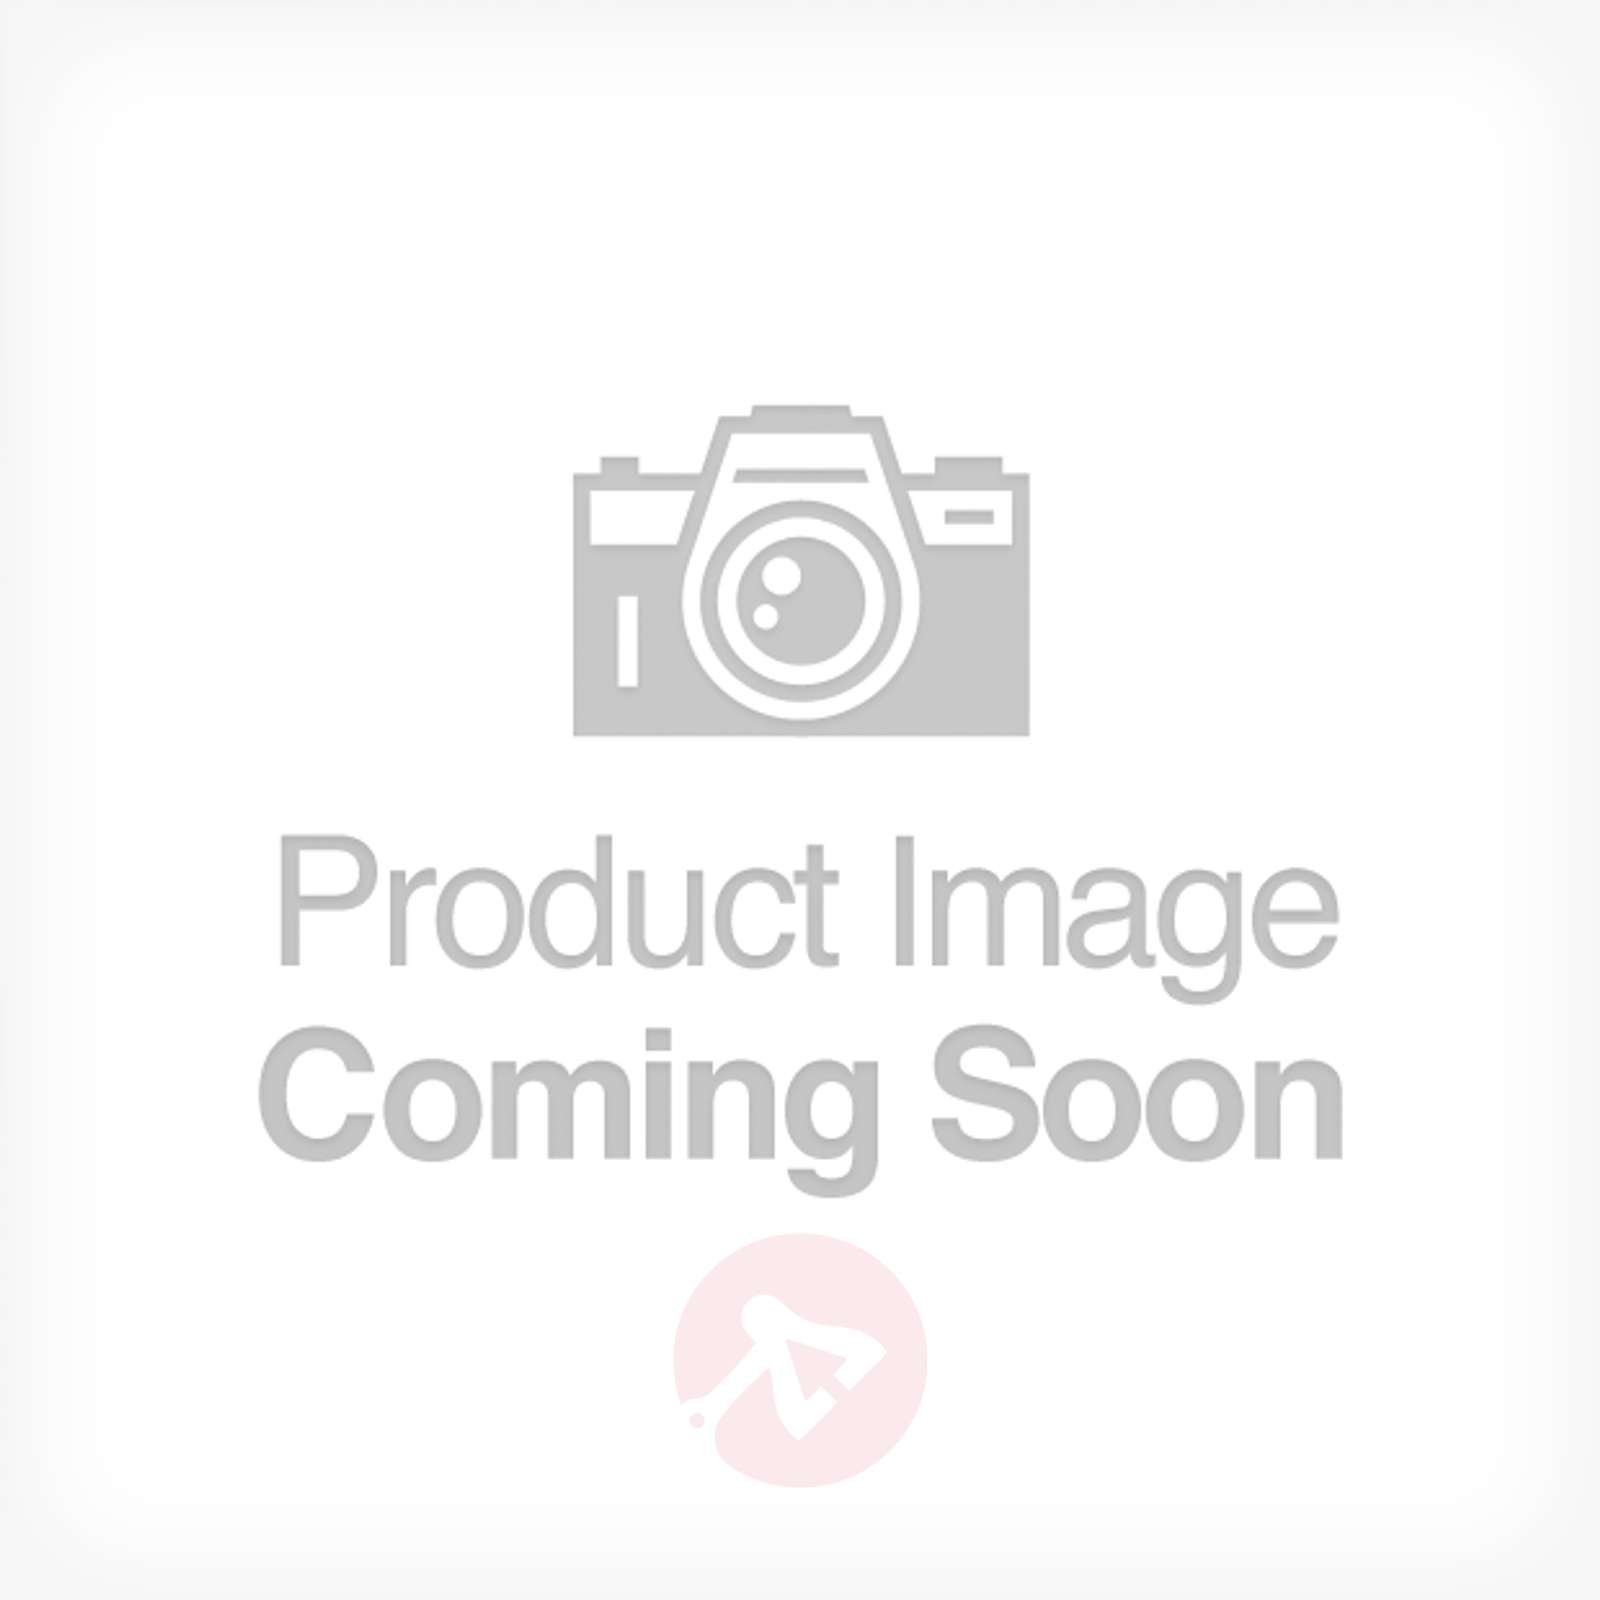 Kapea LED-lattiavalaisin Piculet, valkoinen-6082004-01